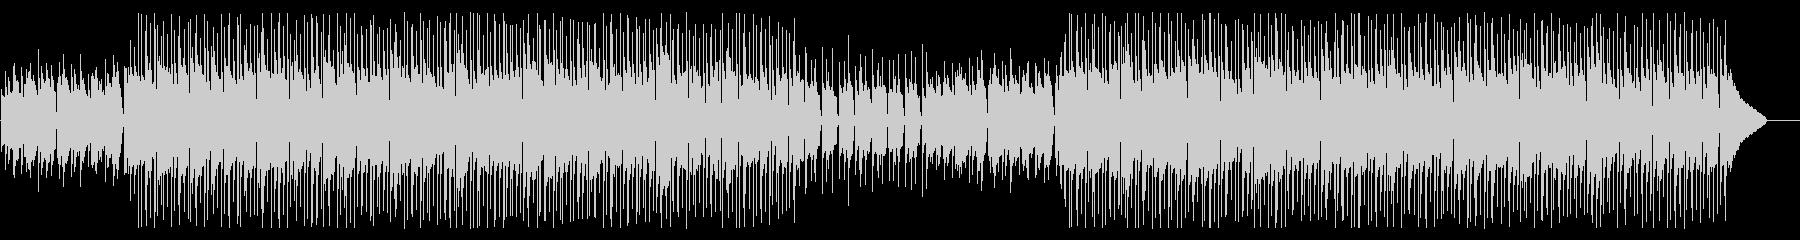 ミドルテンポのアコースティックポップの未再生の波形